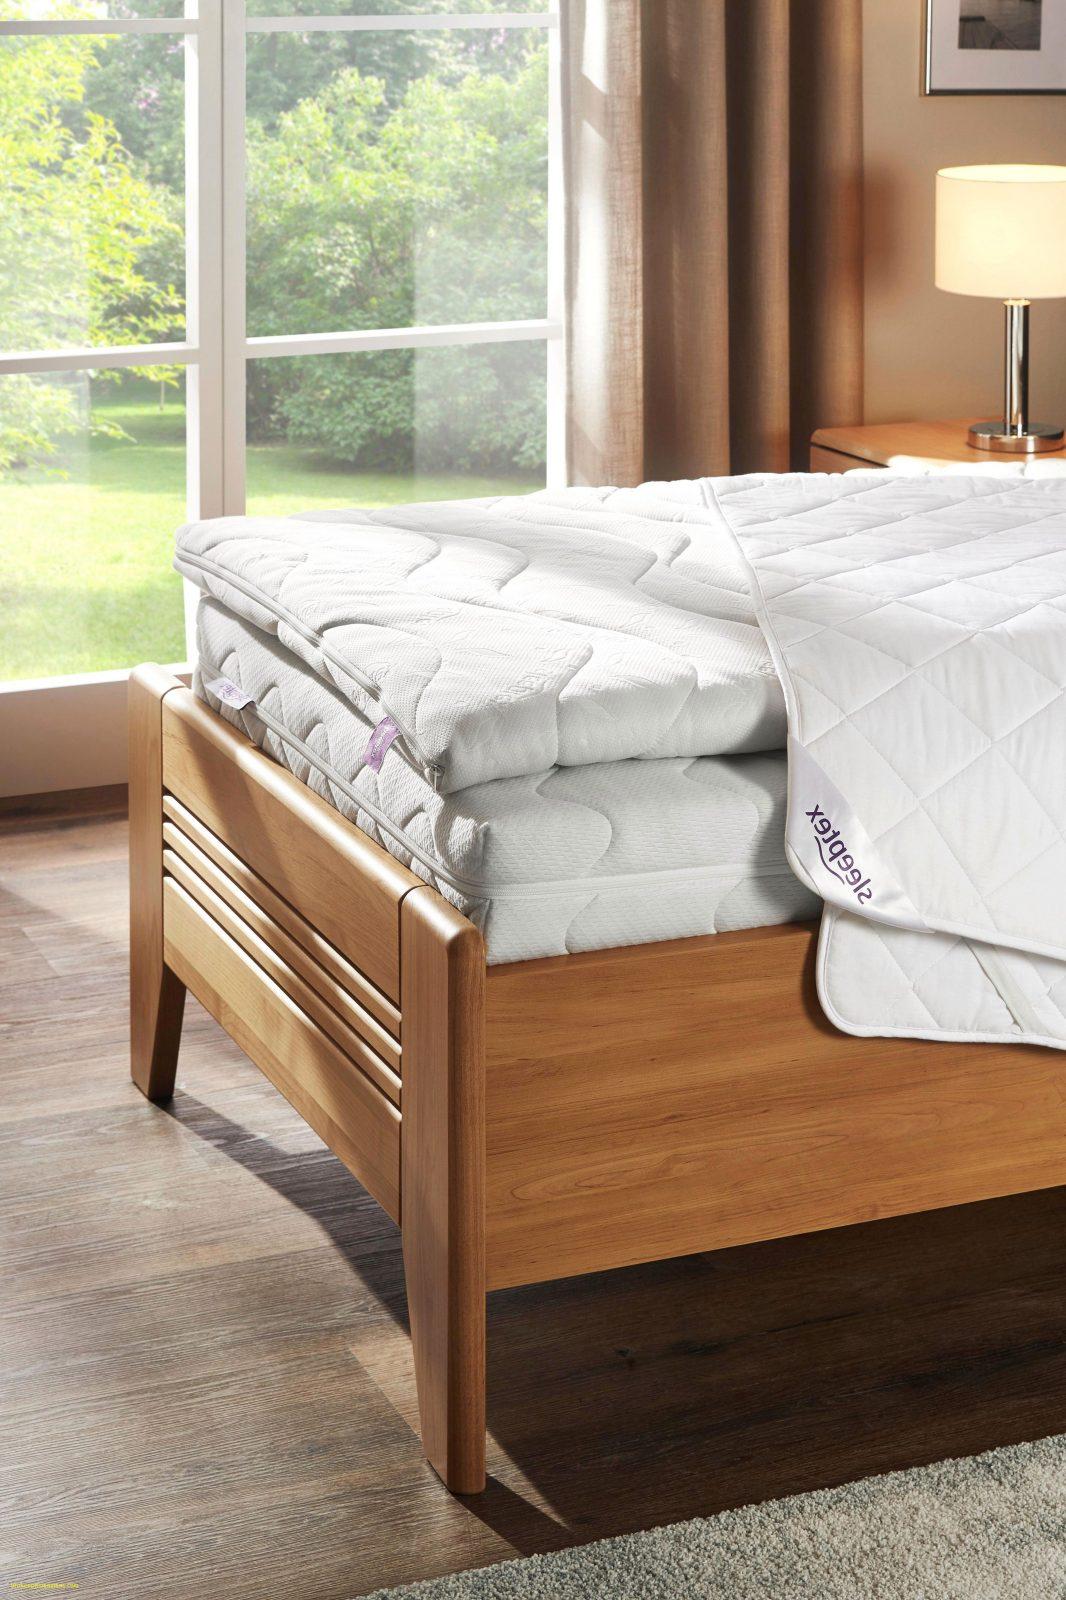 Bett Kopfteil Selber Machen Kopfteil Bett Selber Machen  Bett Ideen von Rückwand Bett Selber Bauen Bild